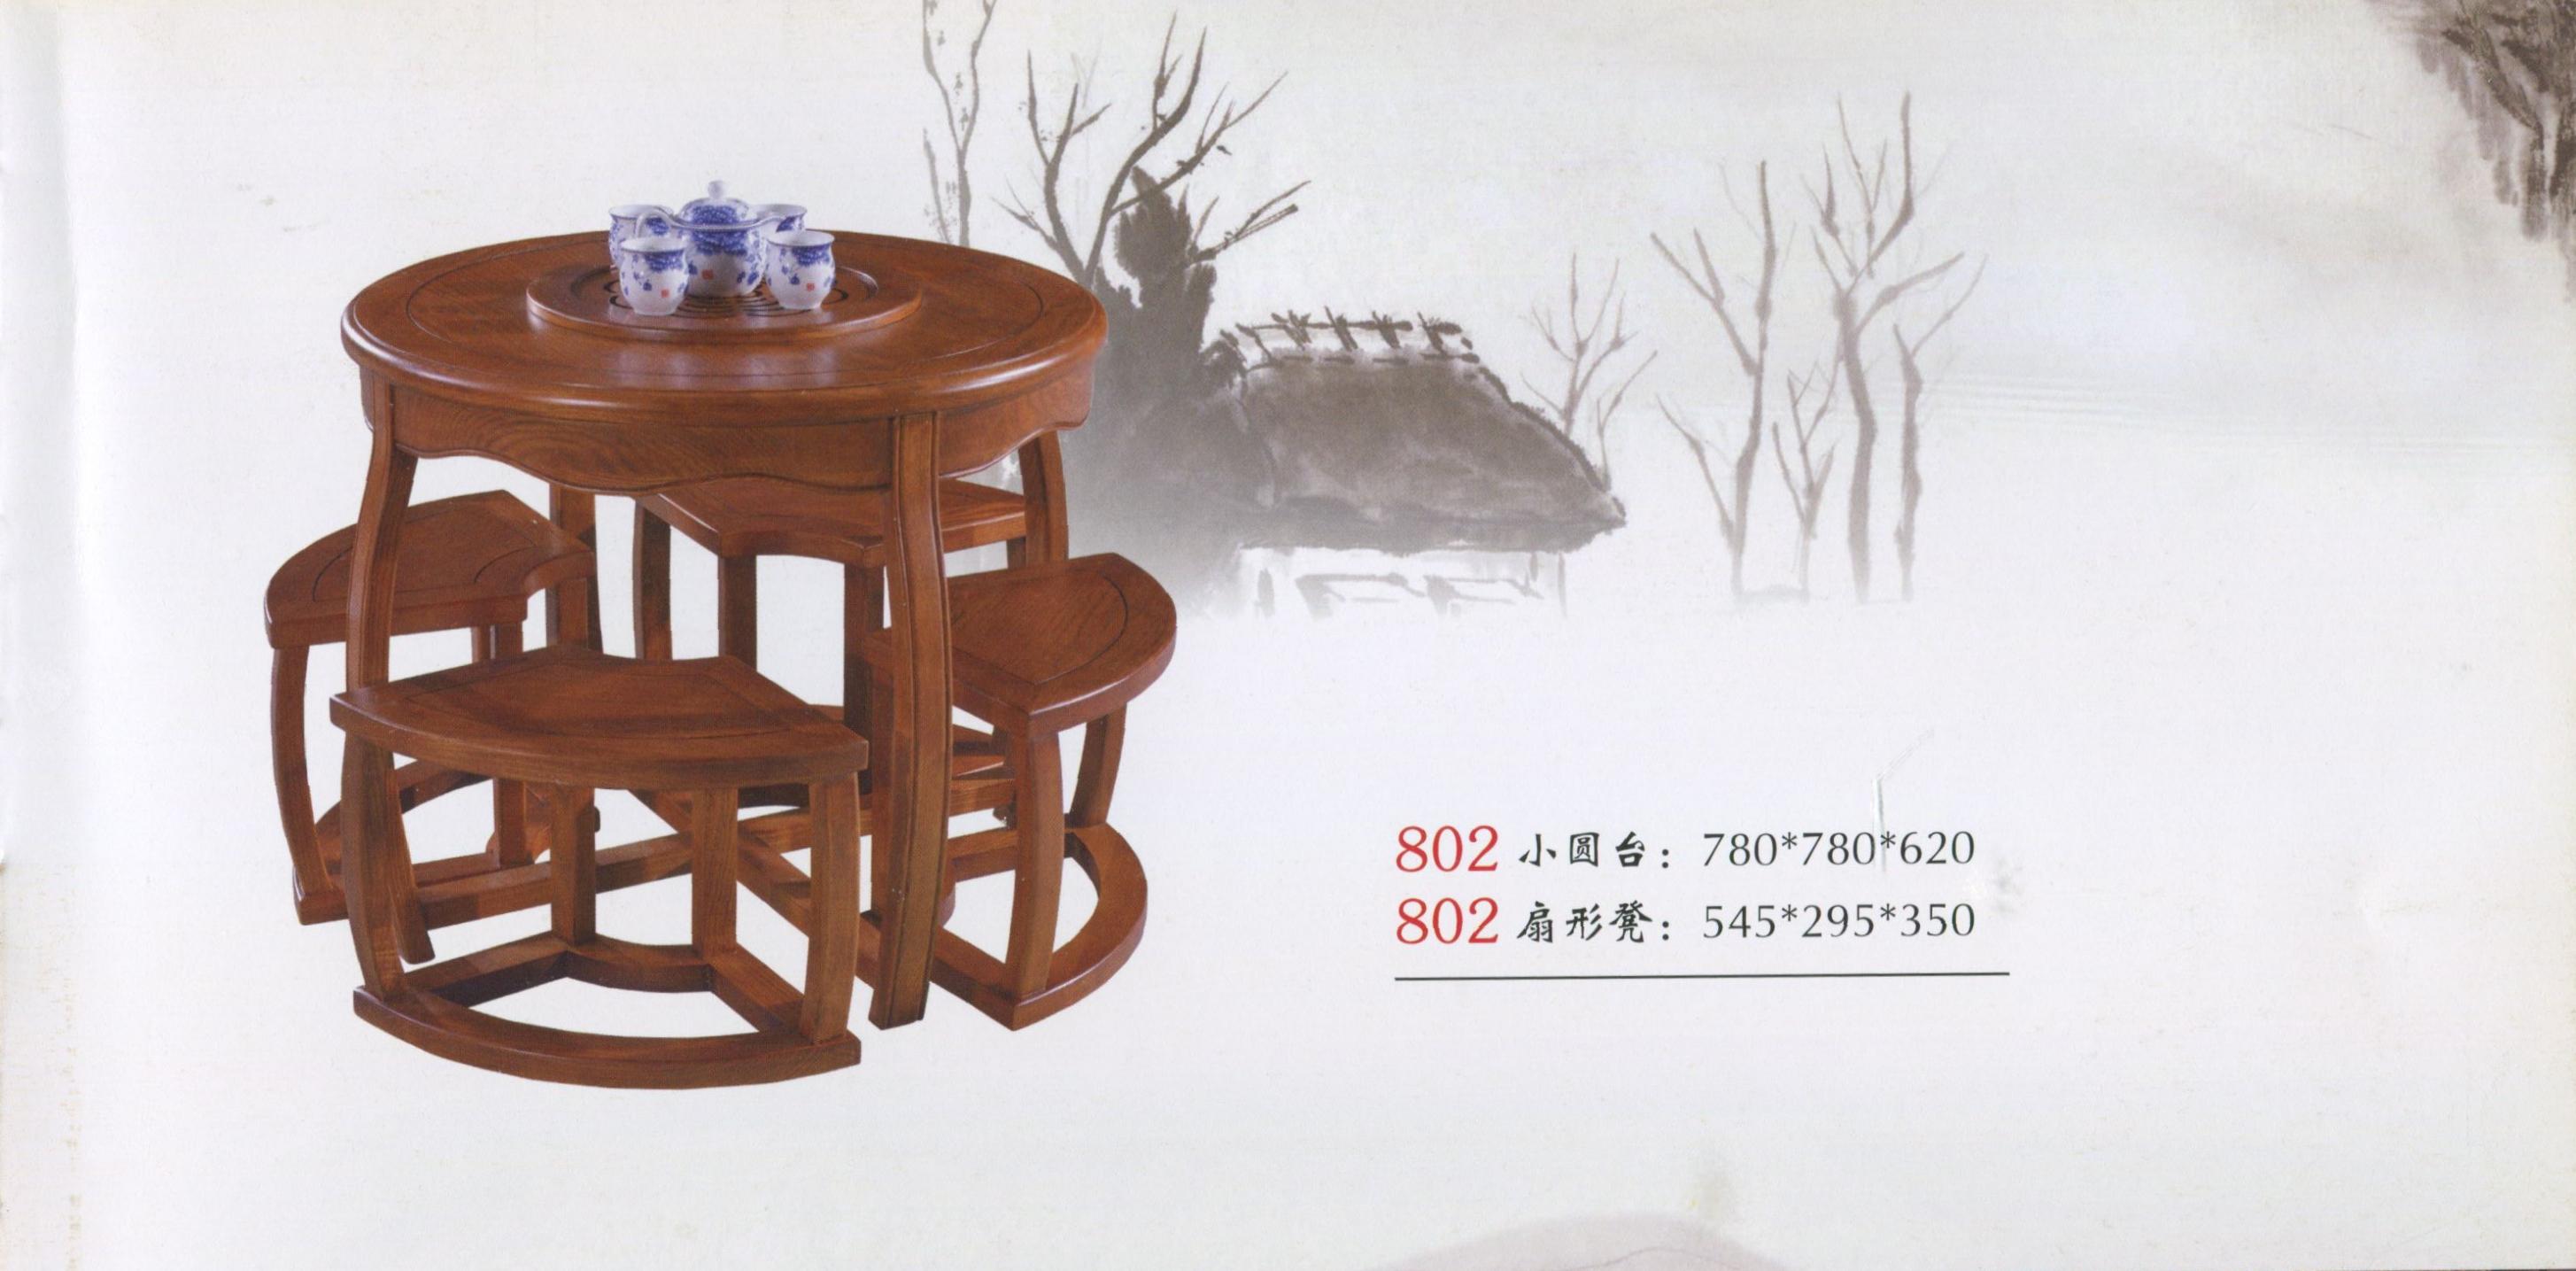 802小圓台扇形凳.jpg